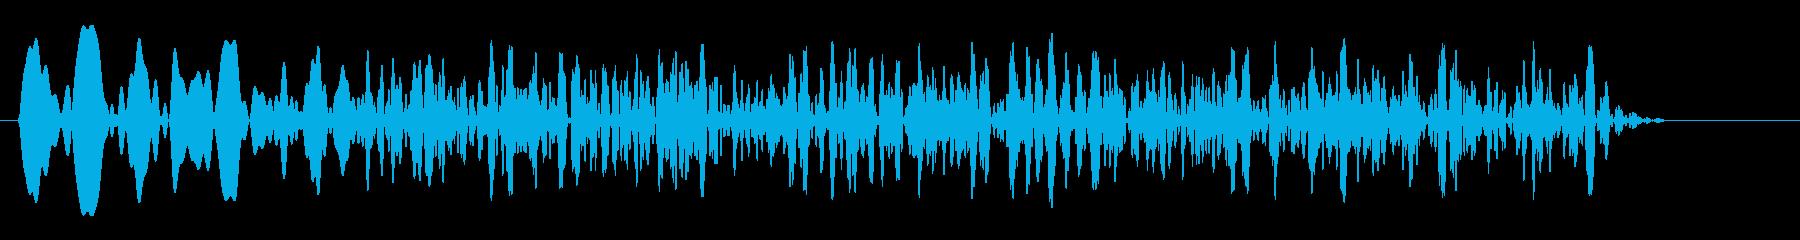 ウィィィィ〜ンという効果音の再生済みの波形